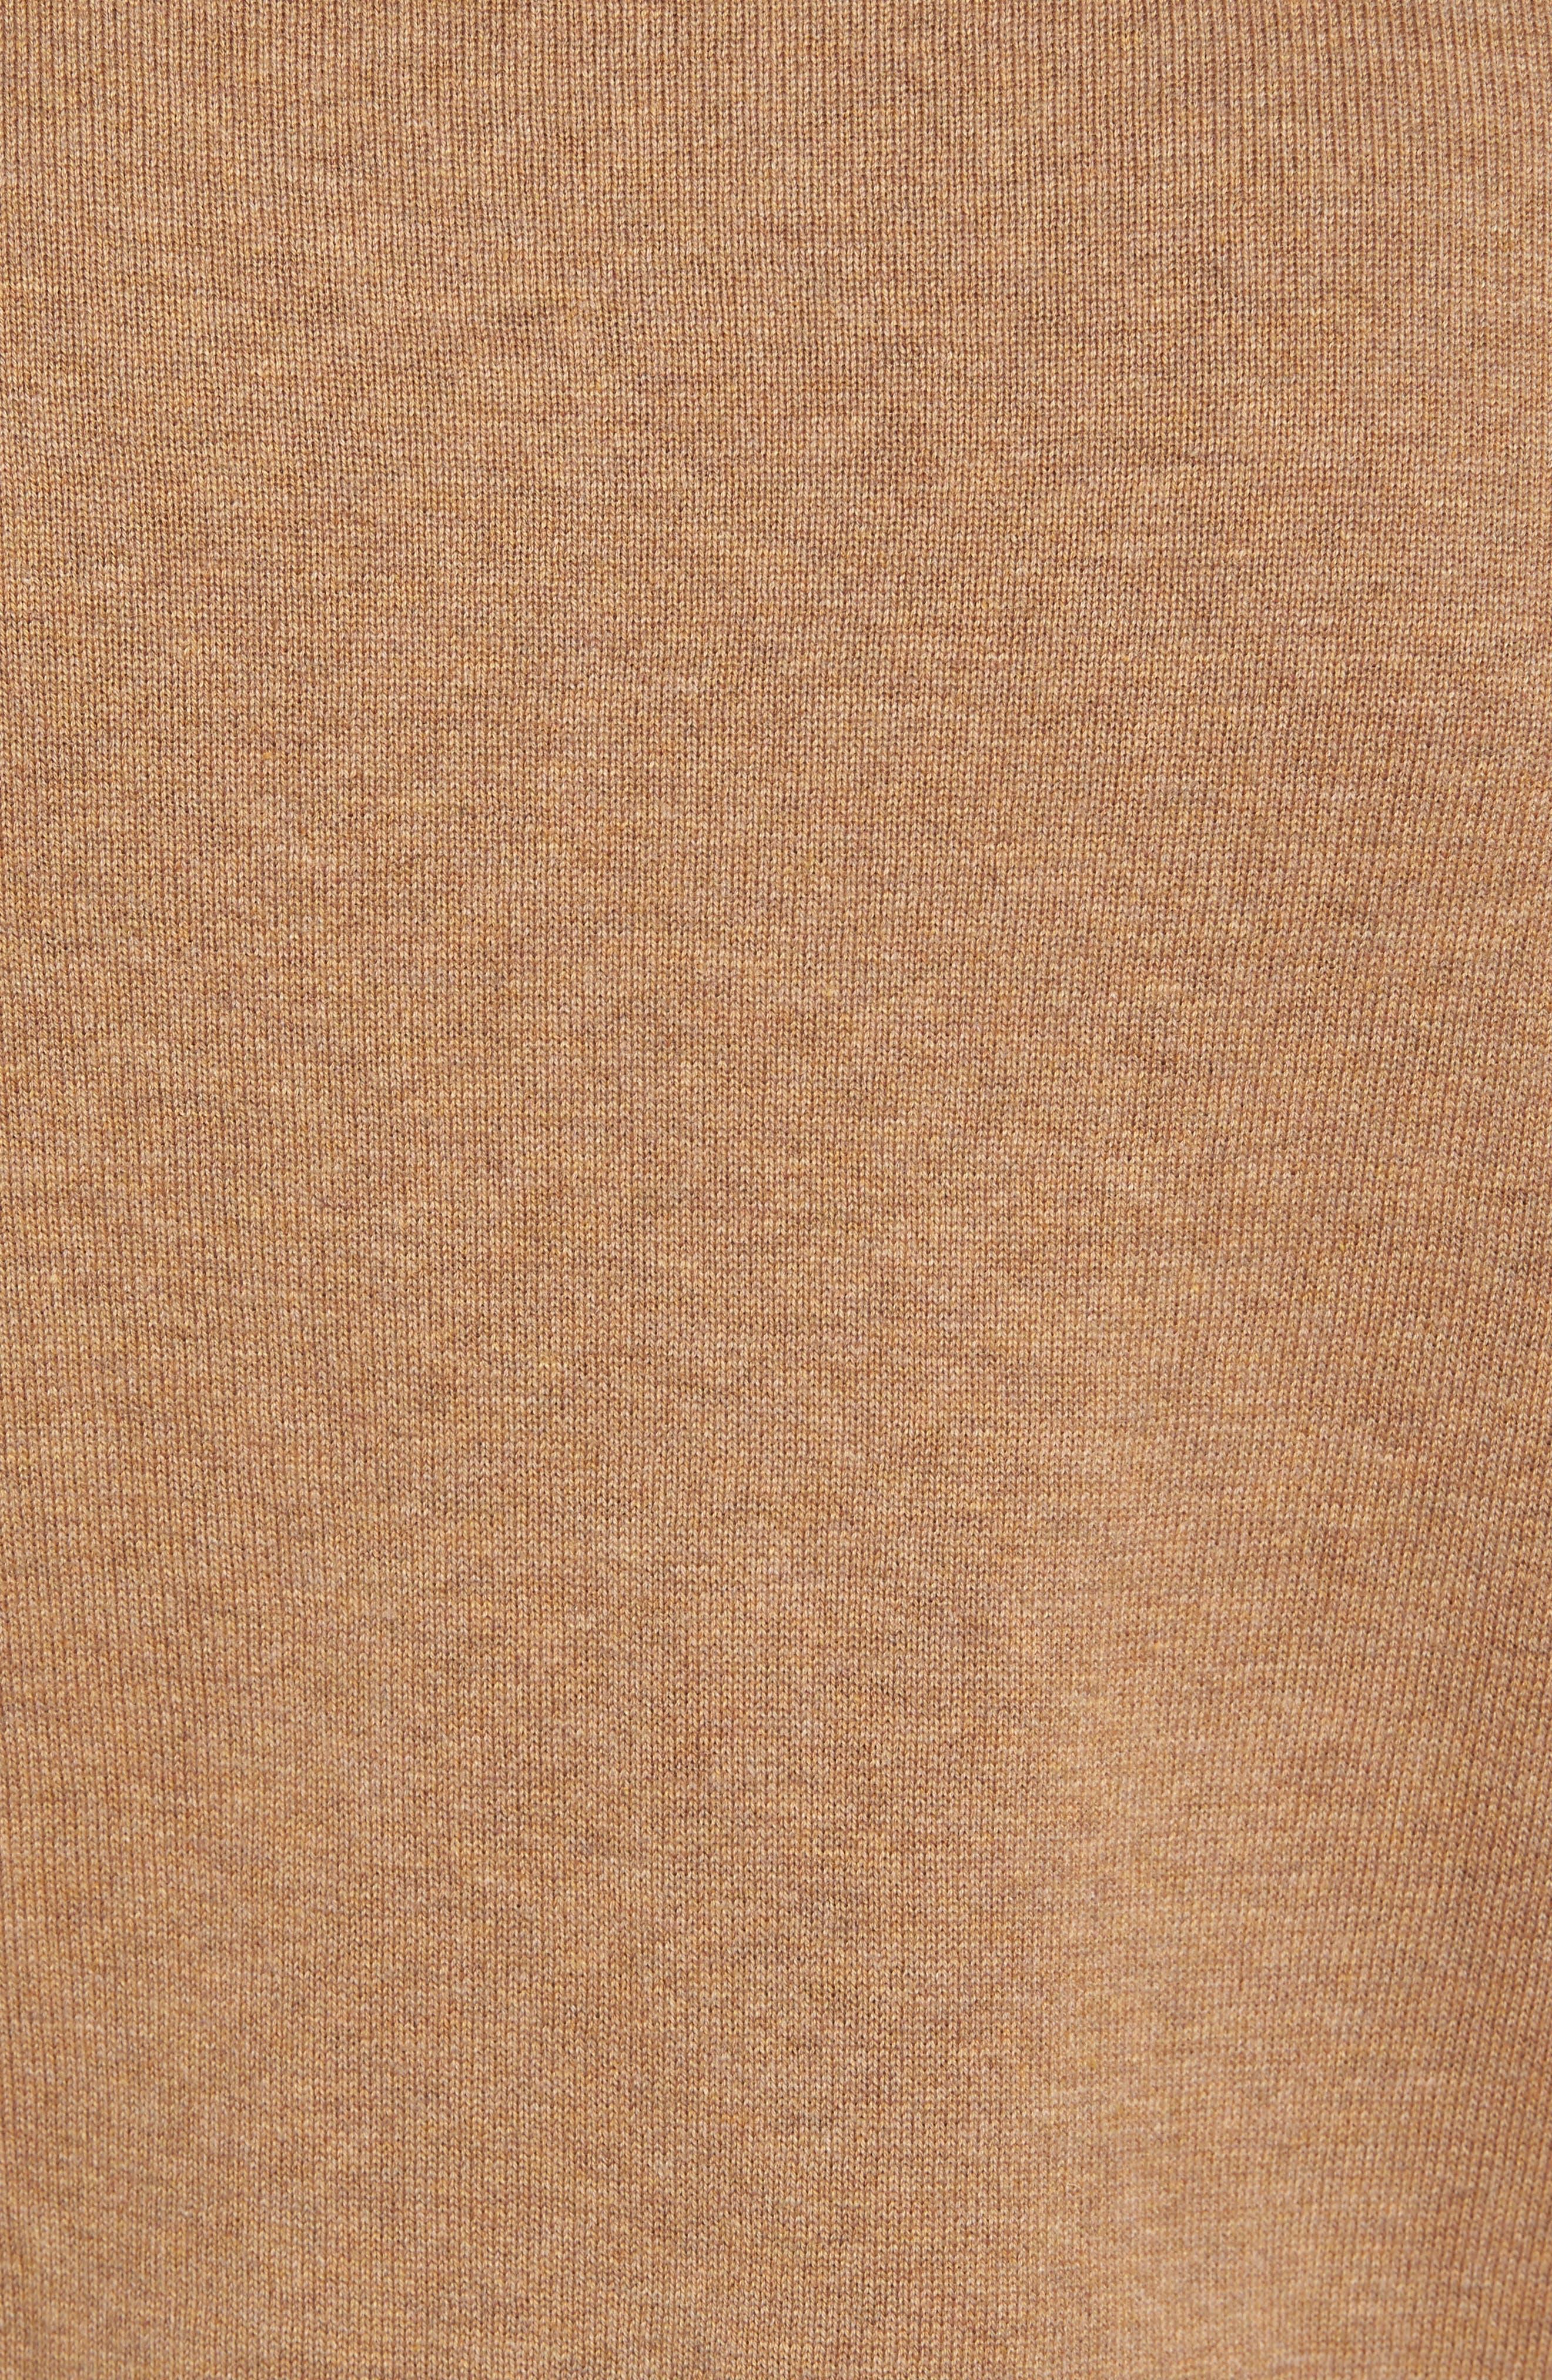 Portrait Crewneck Sweater,                             Alternate thumbnail 14, color,